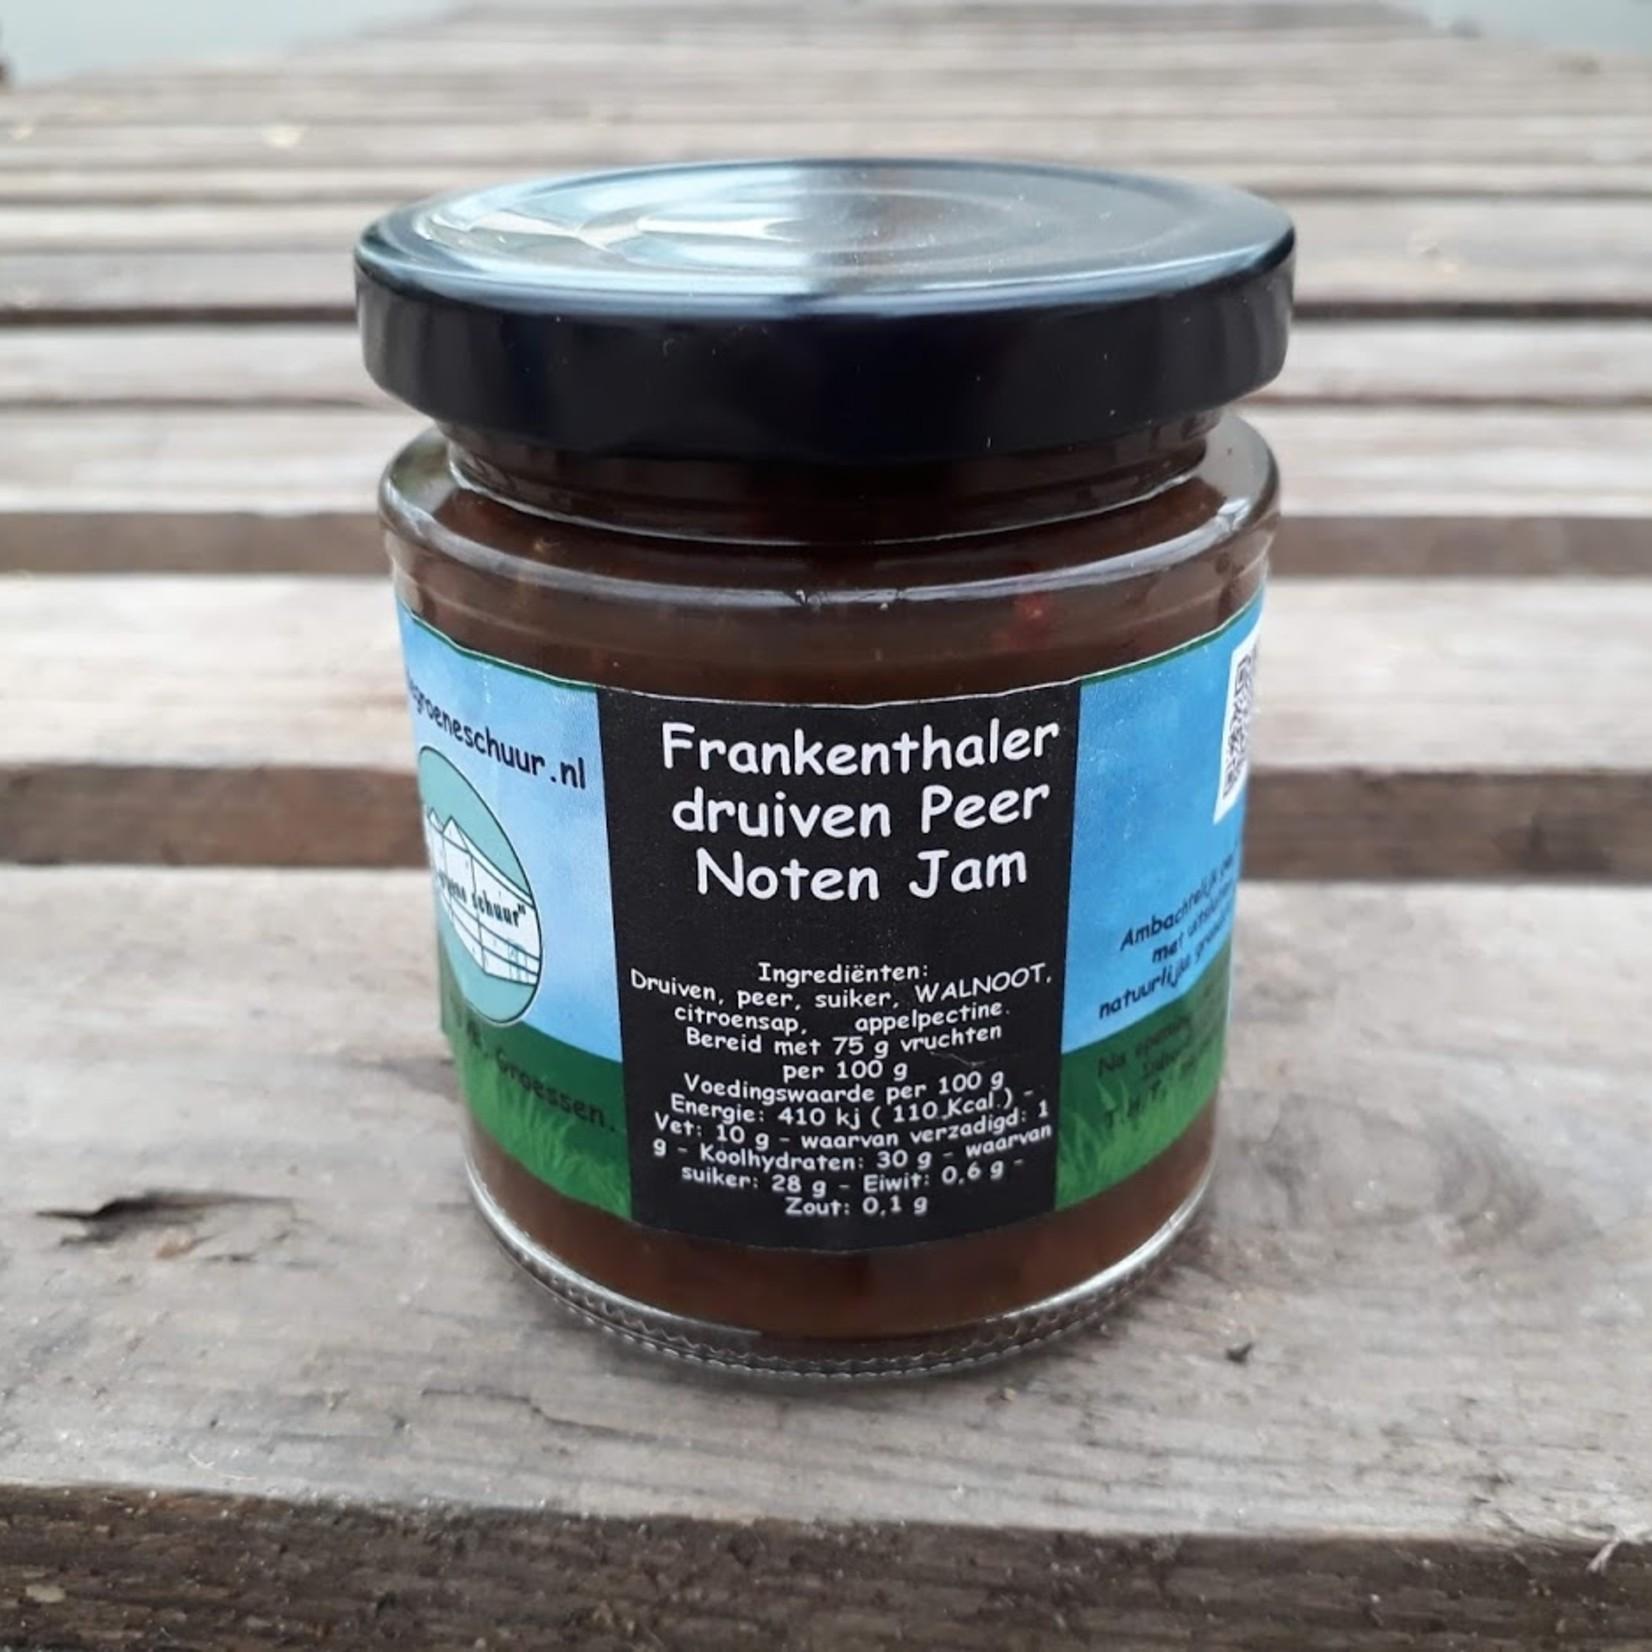 Druiven-peer-noten jam (De Groene Schuur)